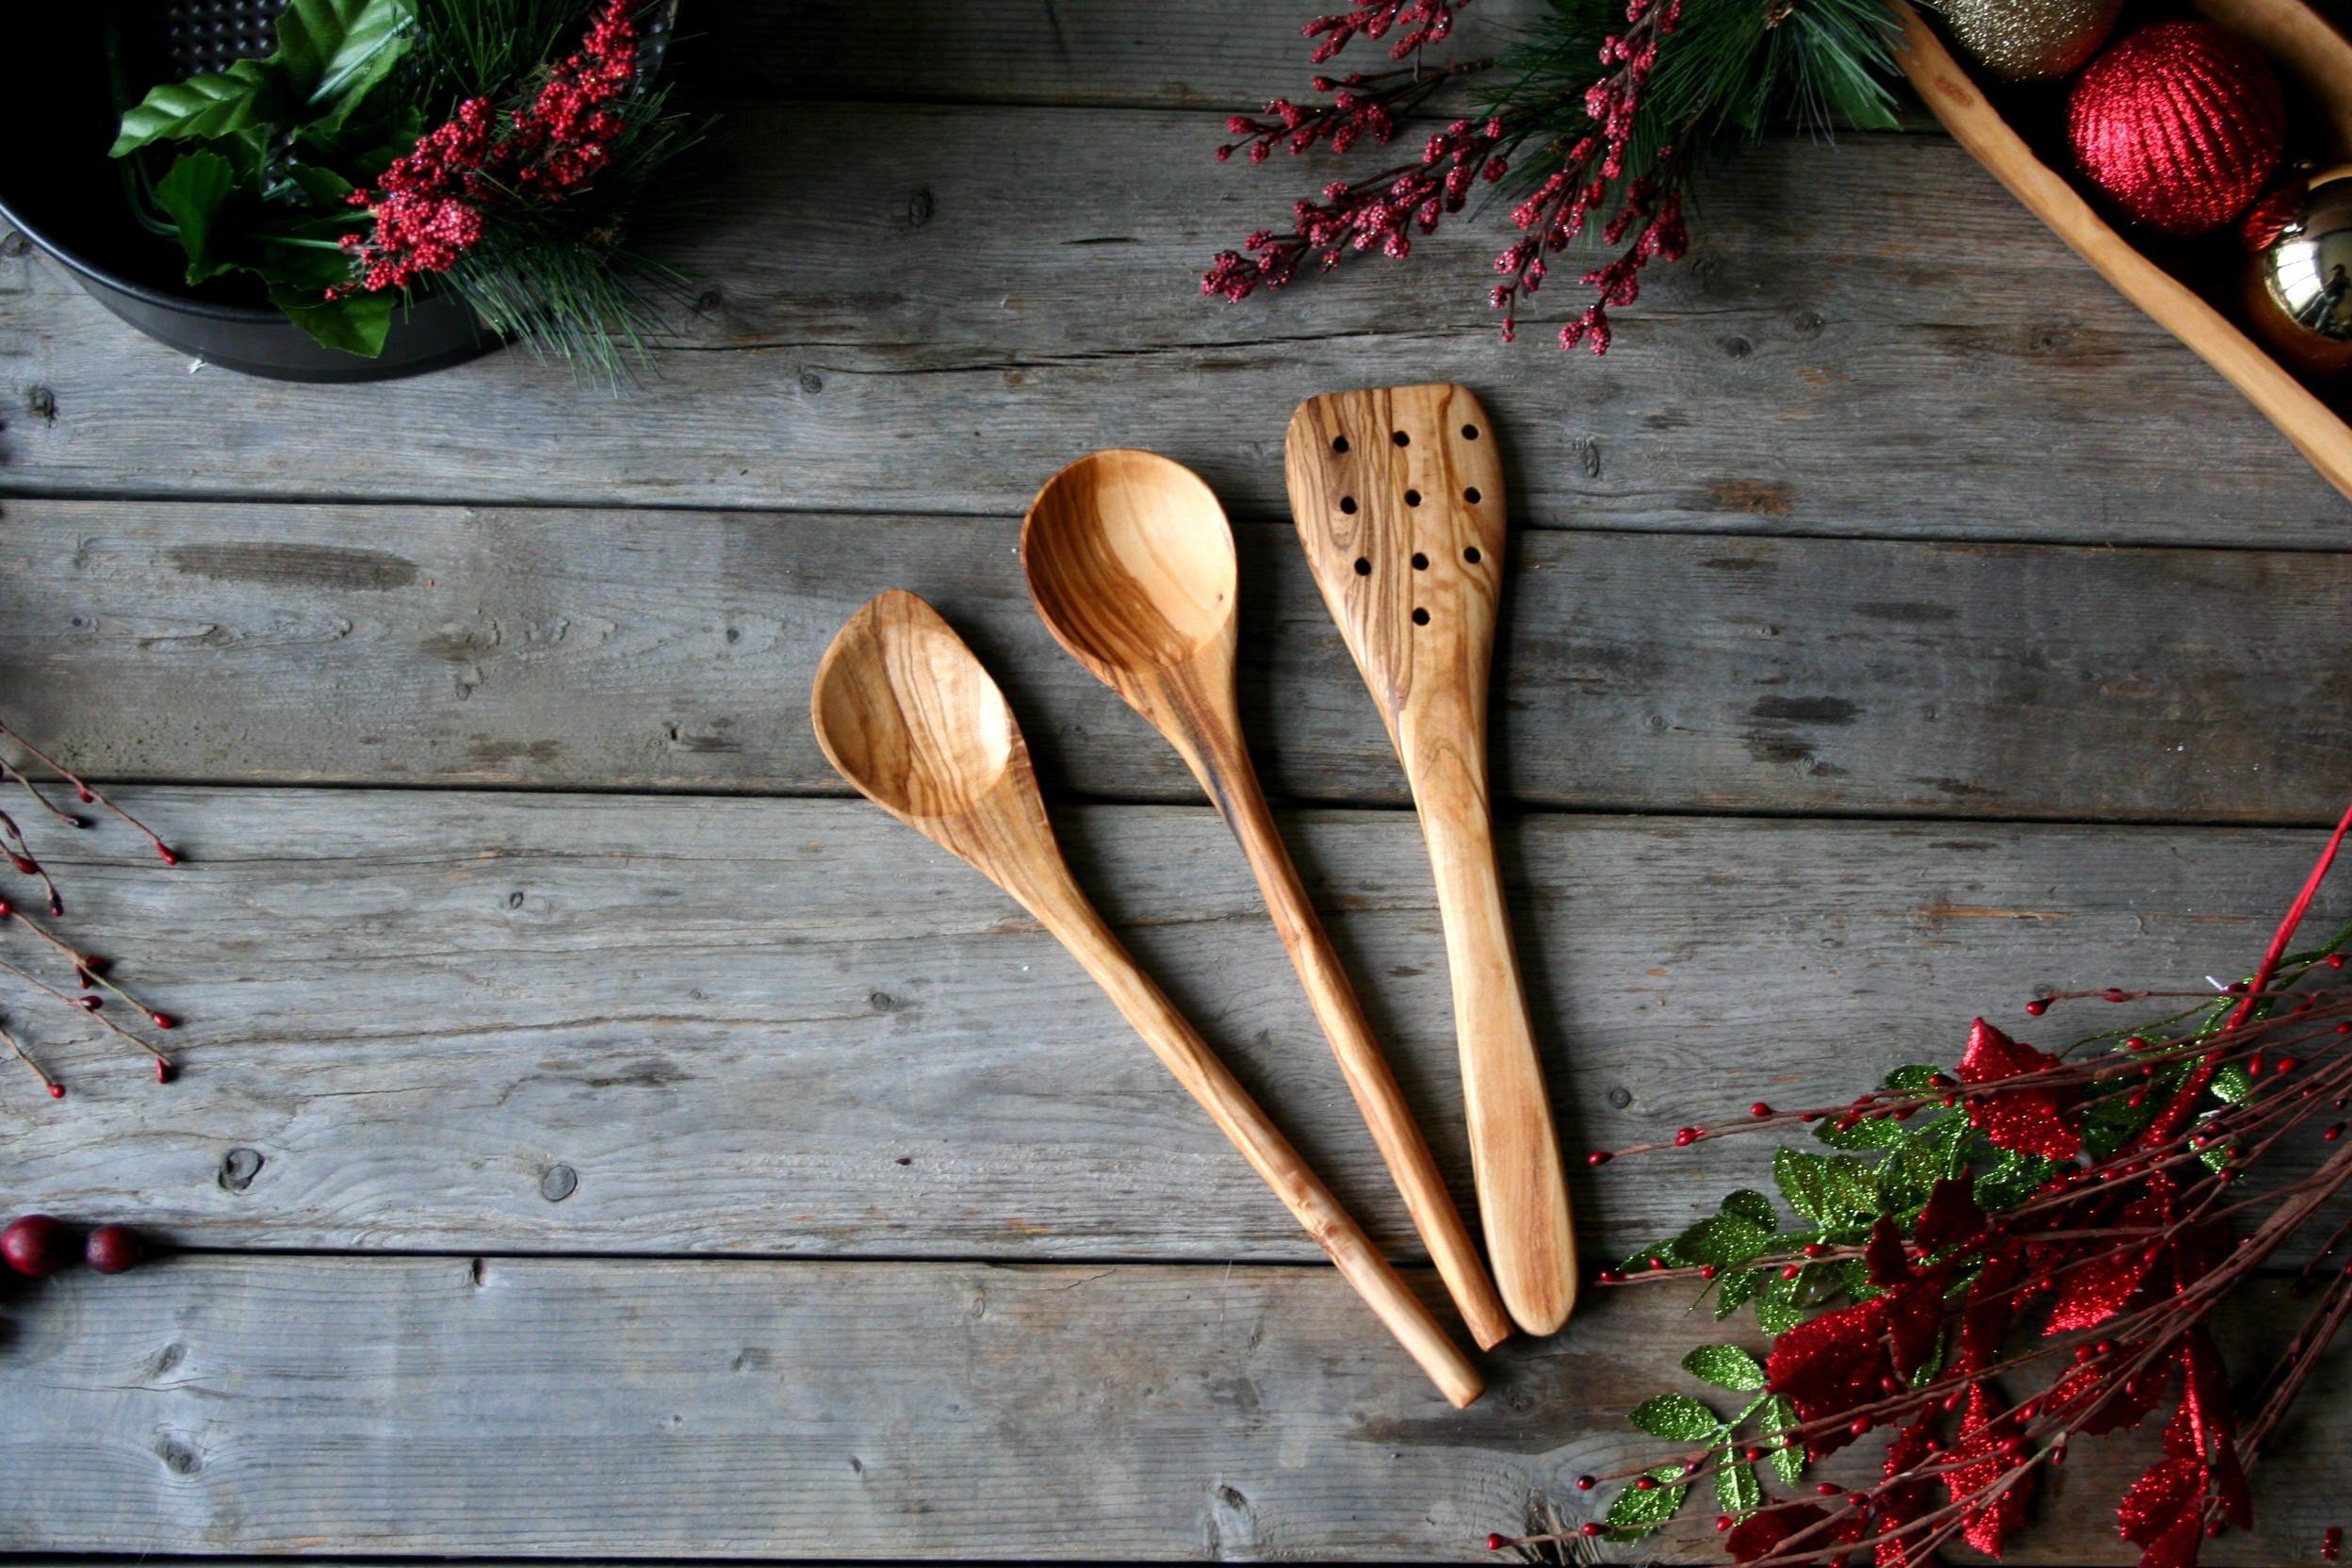 Löffel Spatel für Holz Löffel-Set Küchenutensilien | Etsy